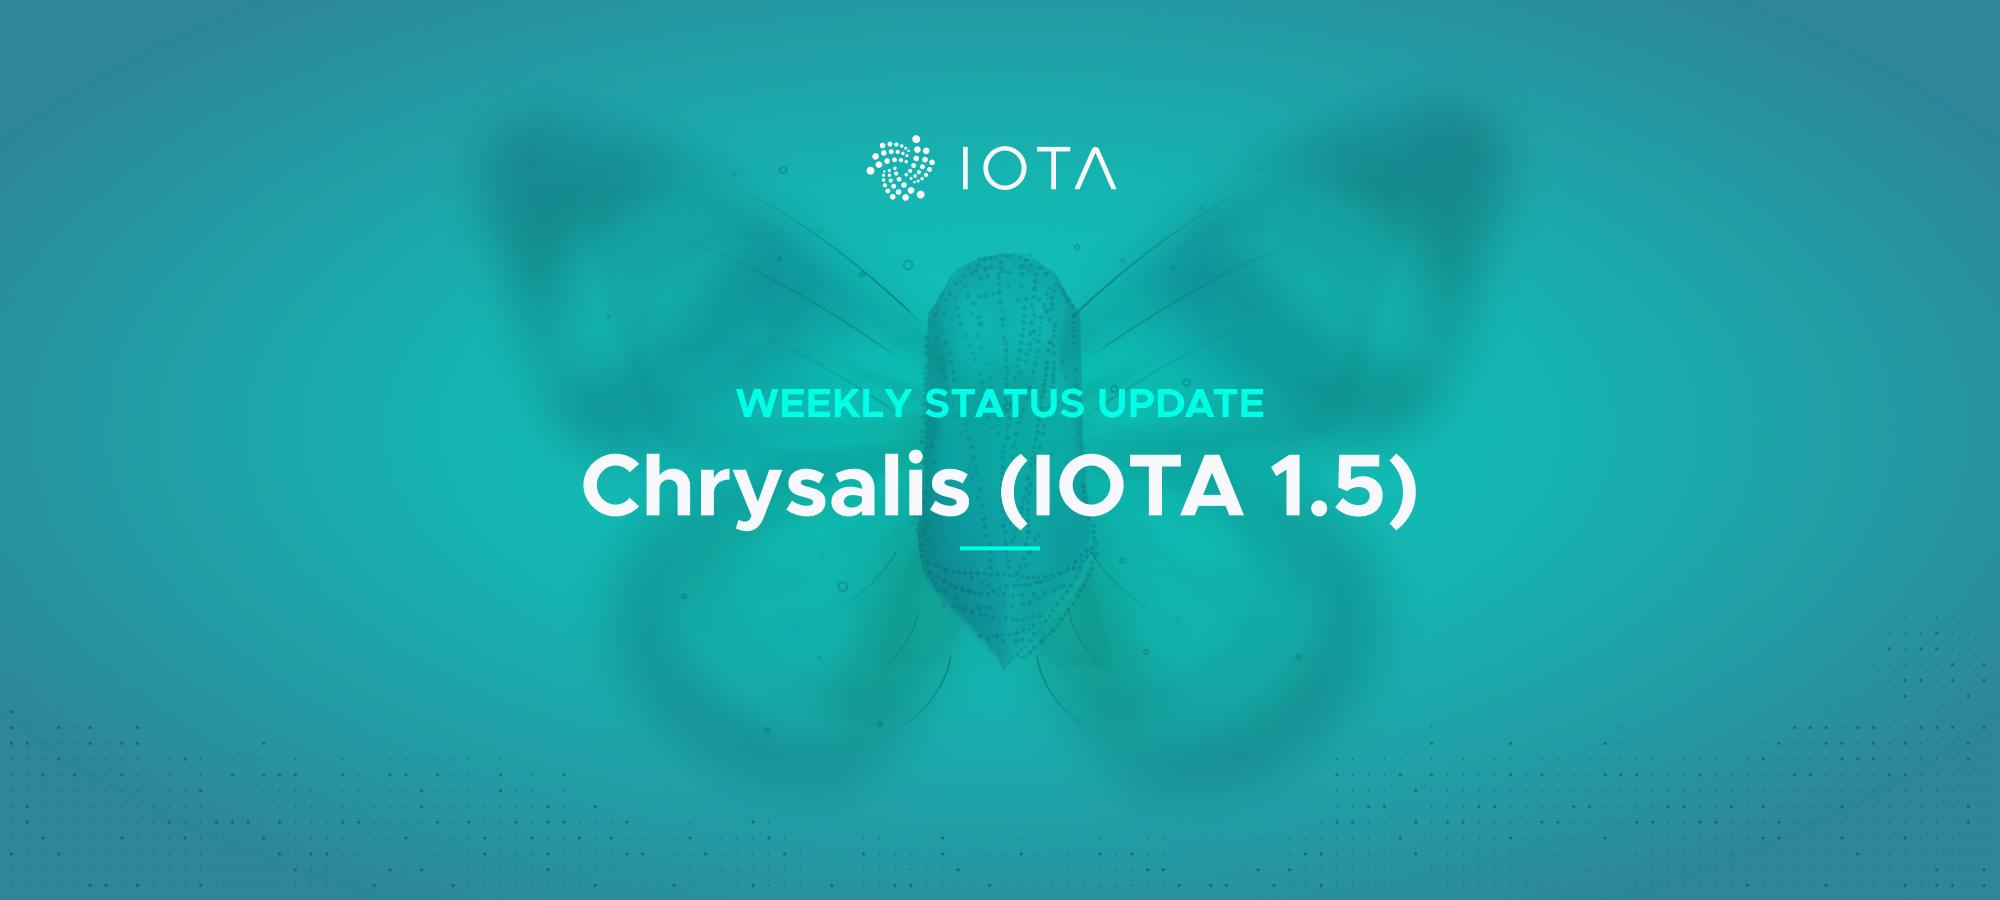 Chrysalis weekly update - December 11